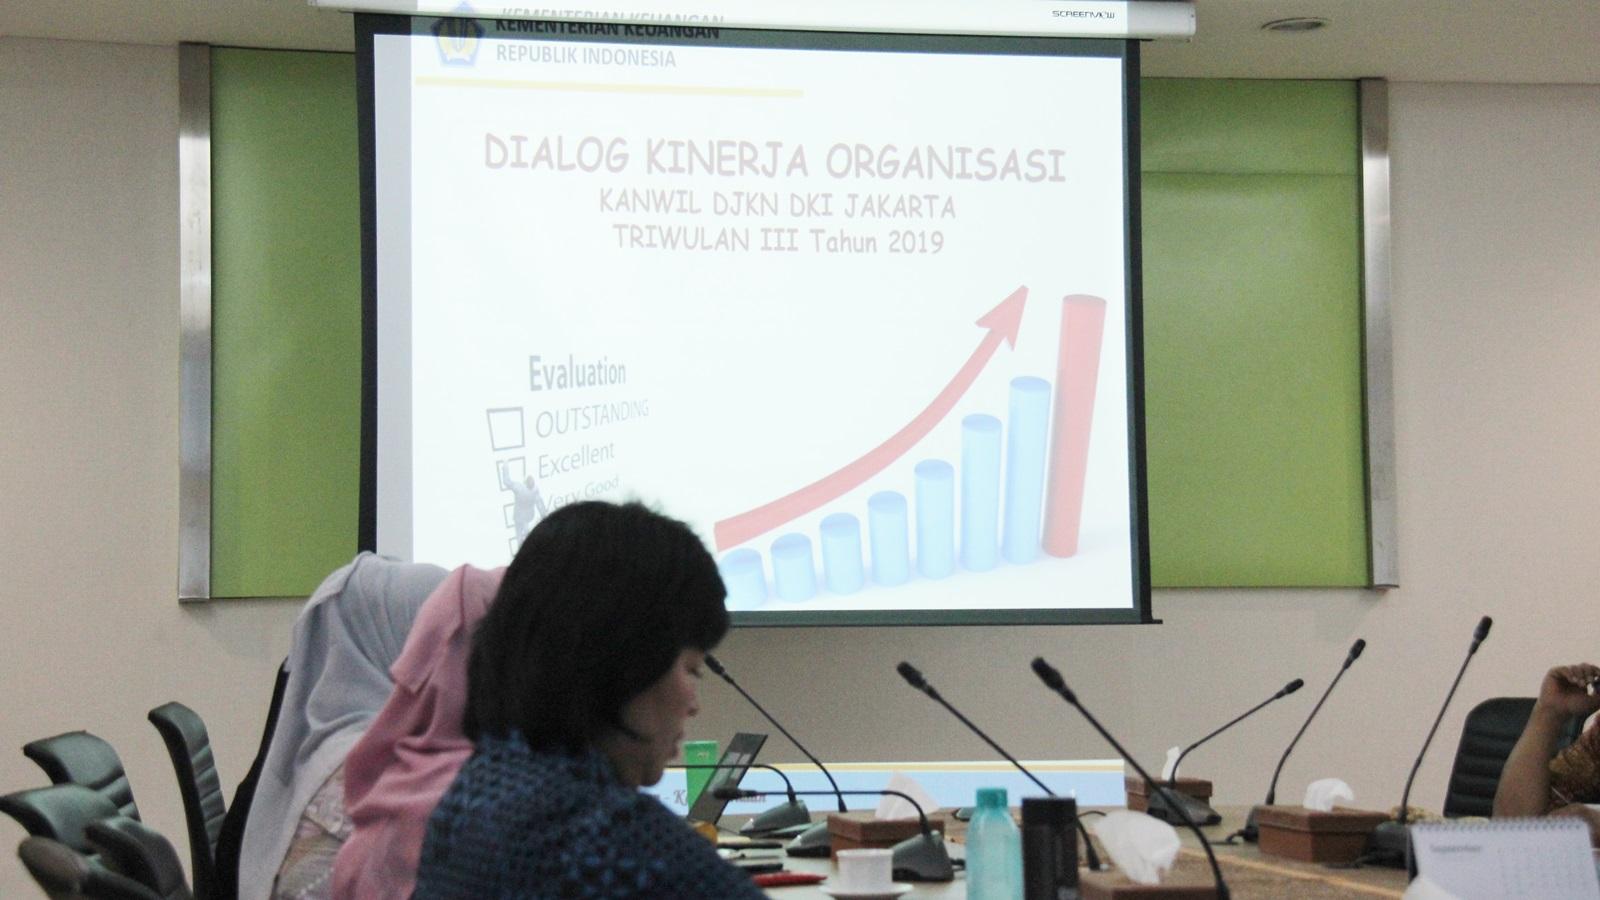 Dialog Kinerja Organisasi Triwulan III 2019 Kanwil DJKN DKI Jakarta